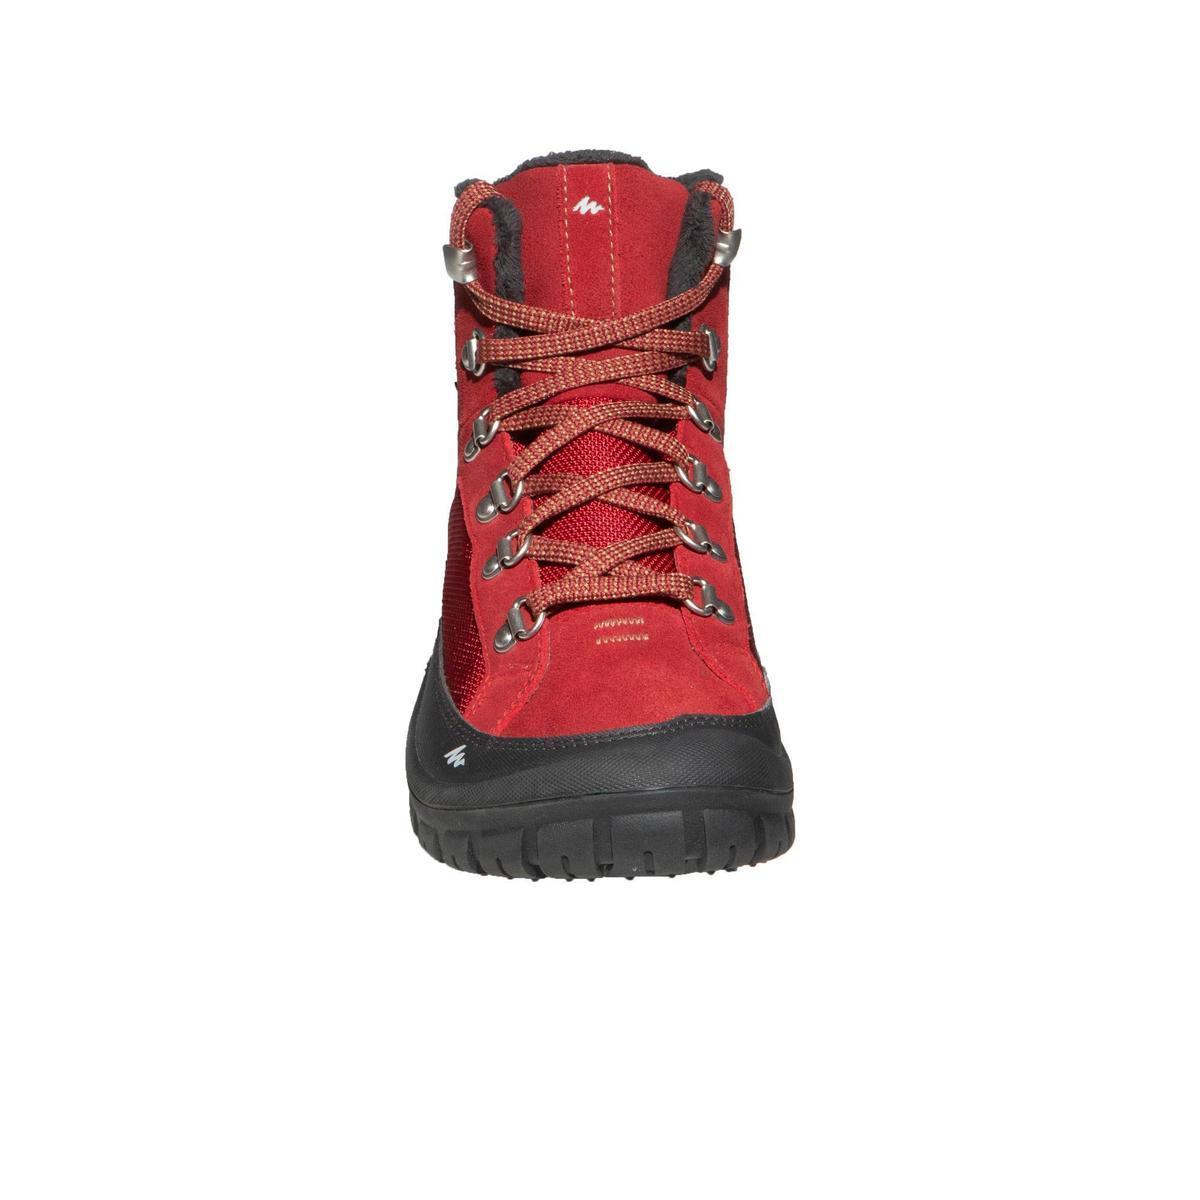 Bild 2 von Winterschuhe Winterwandern Halbhoch SH500 Warm Schnürung Kinder rot